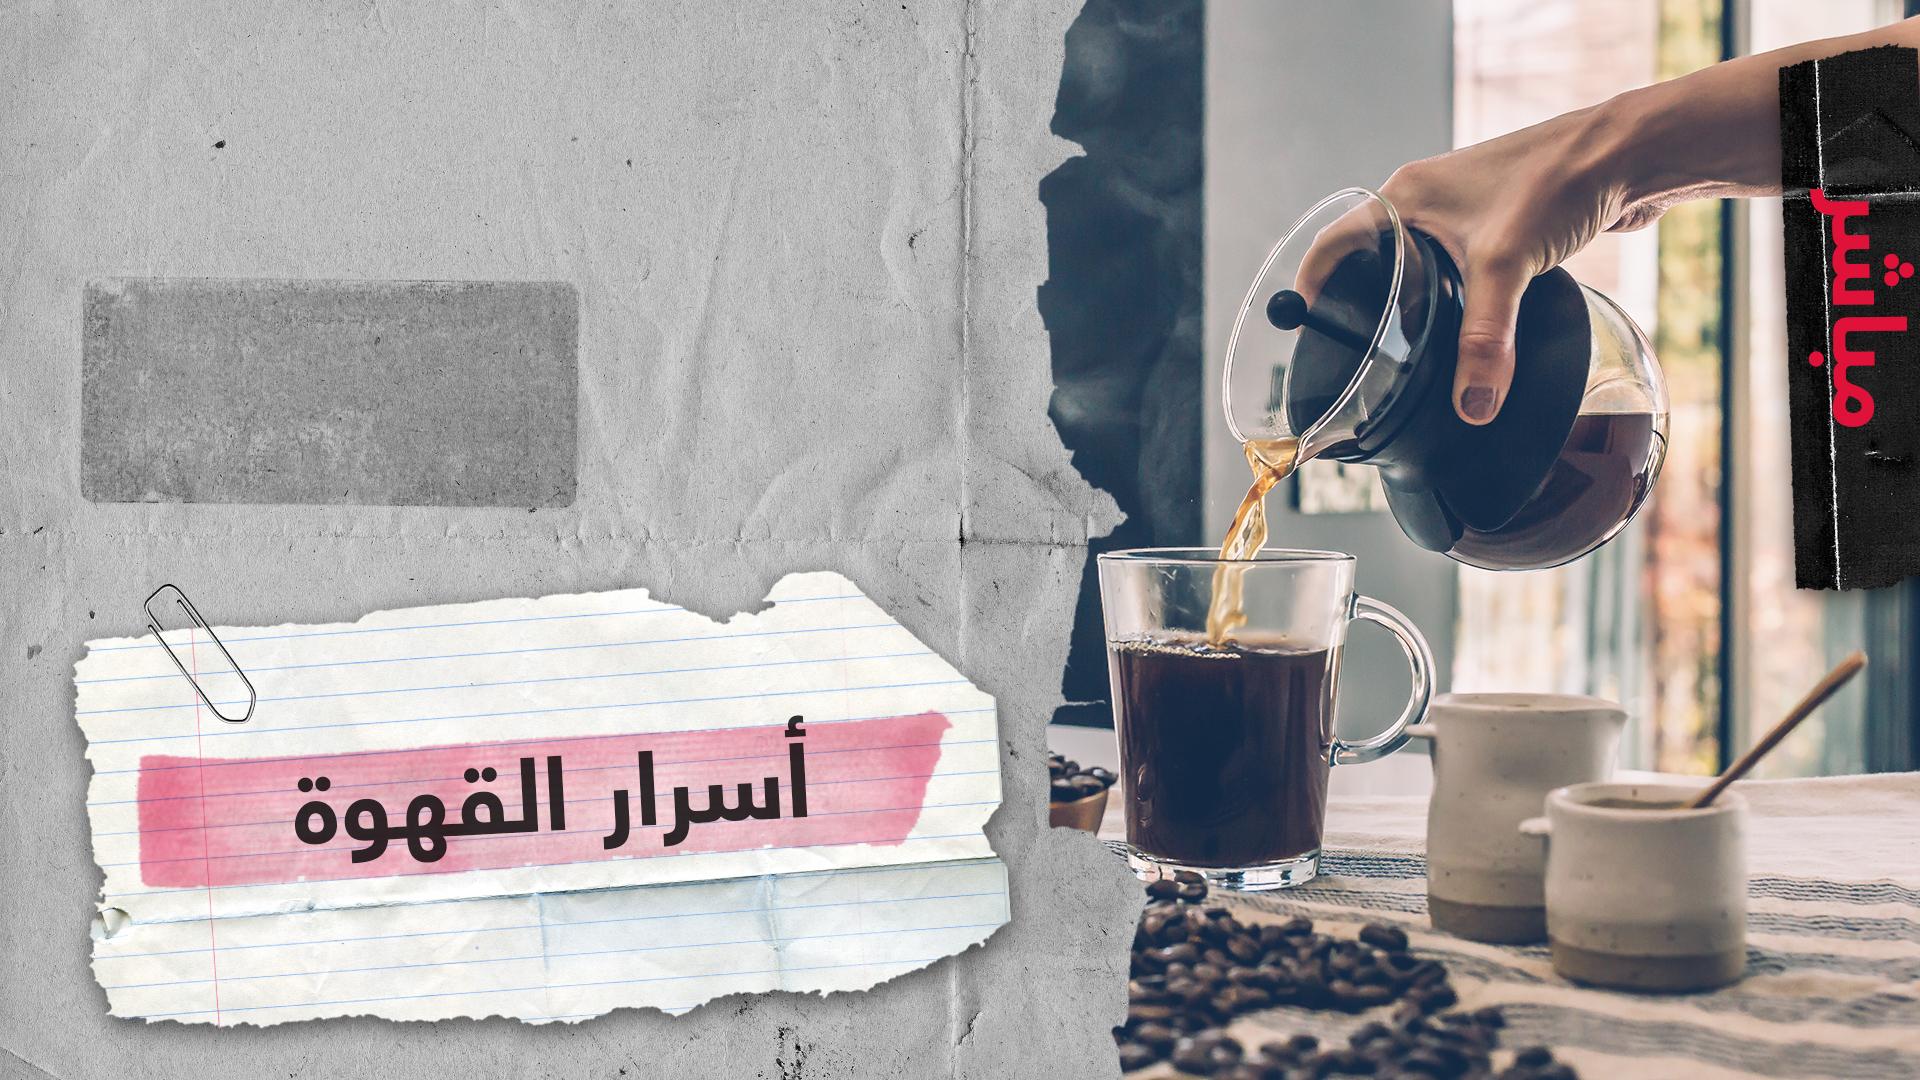 دراسة: فوائد صحية مدهشة لشرب القهوة يوميا خاصة للنساء